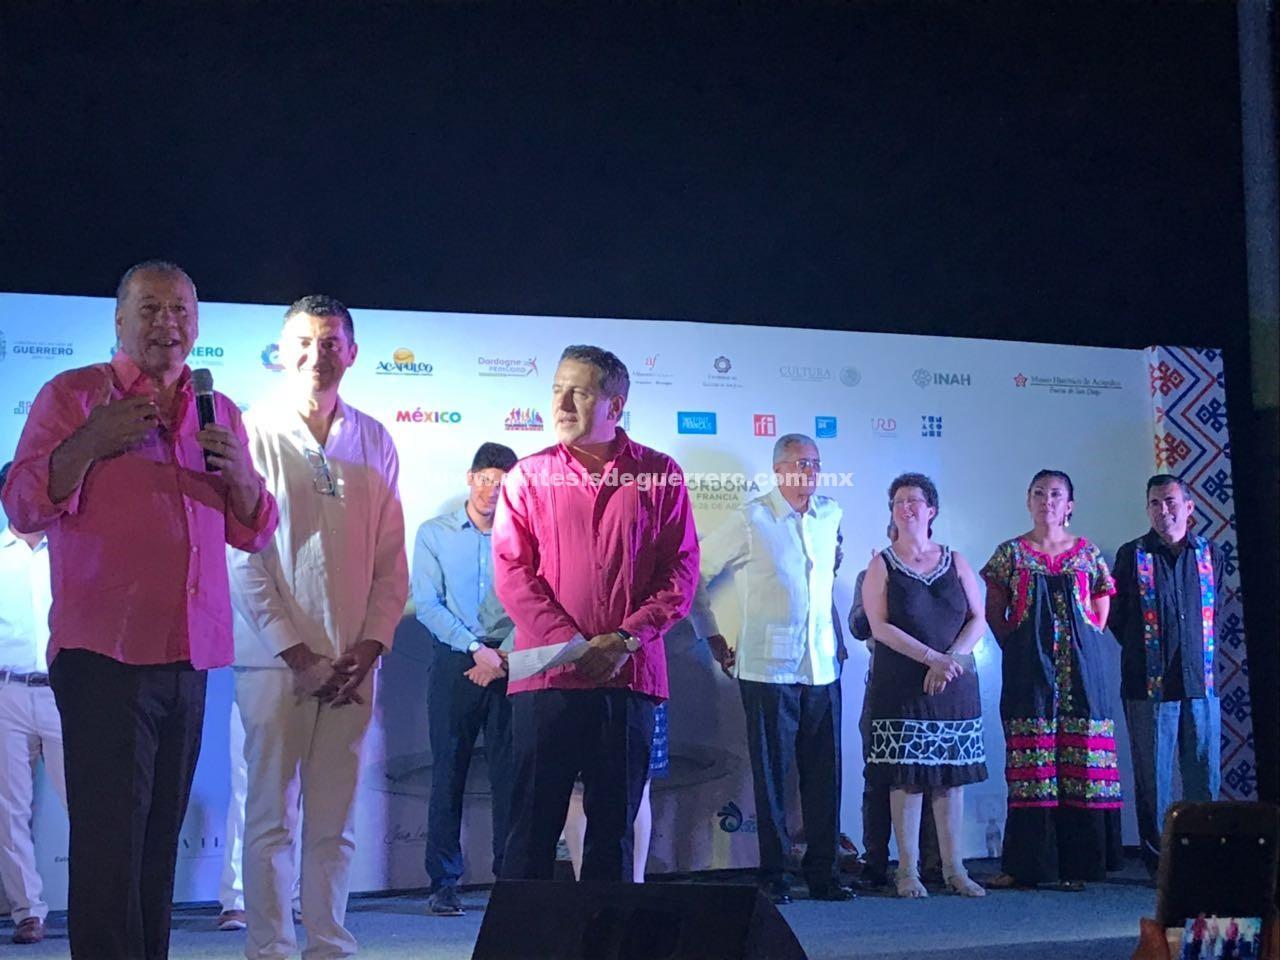 Ernesto Rodríguez Escalona inauguró el festival Franco Mexicano en Acapulco